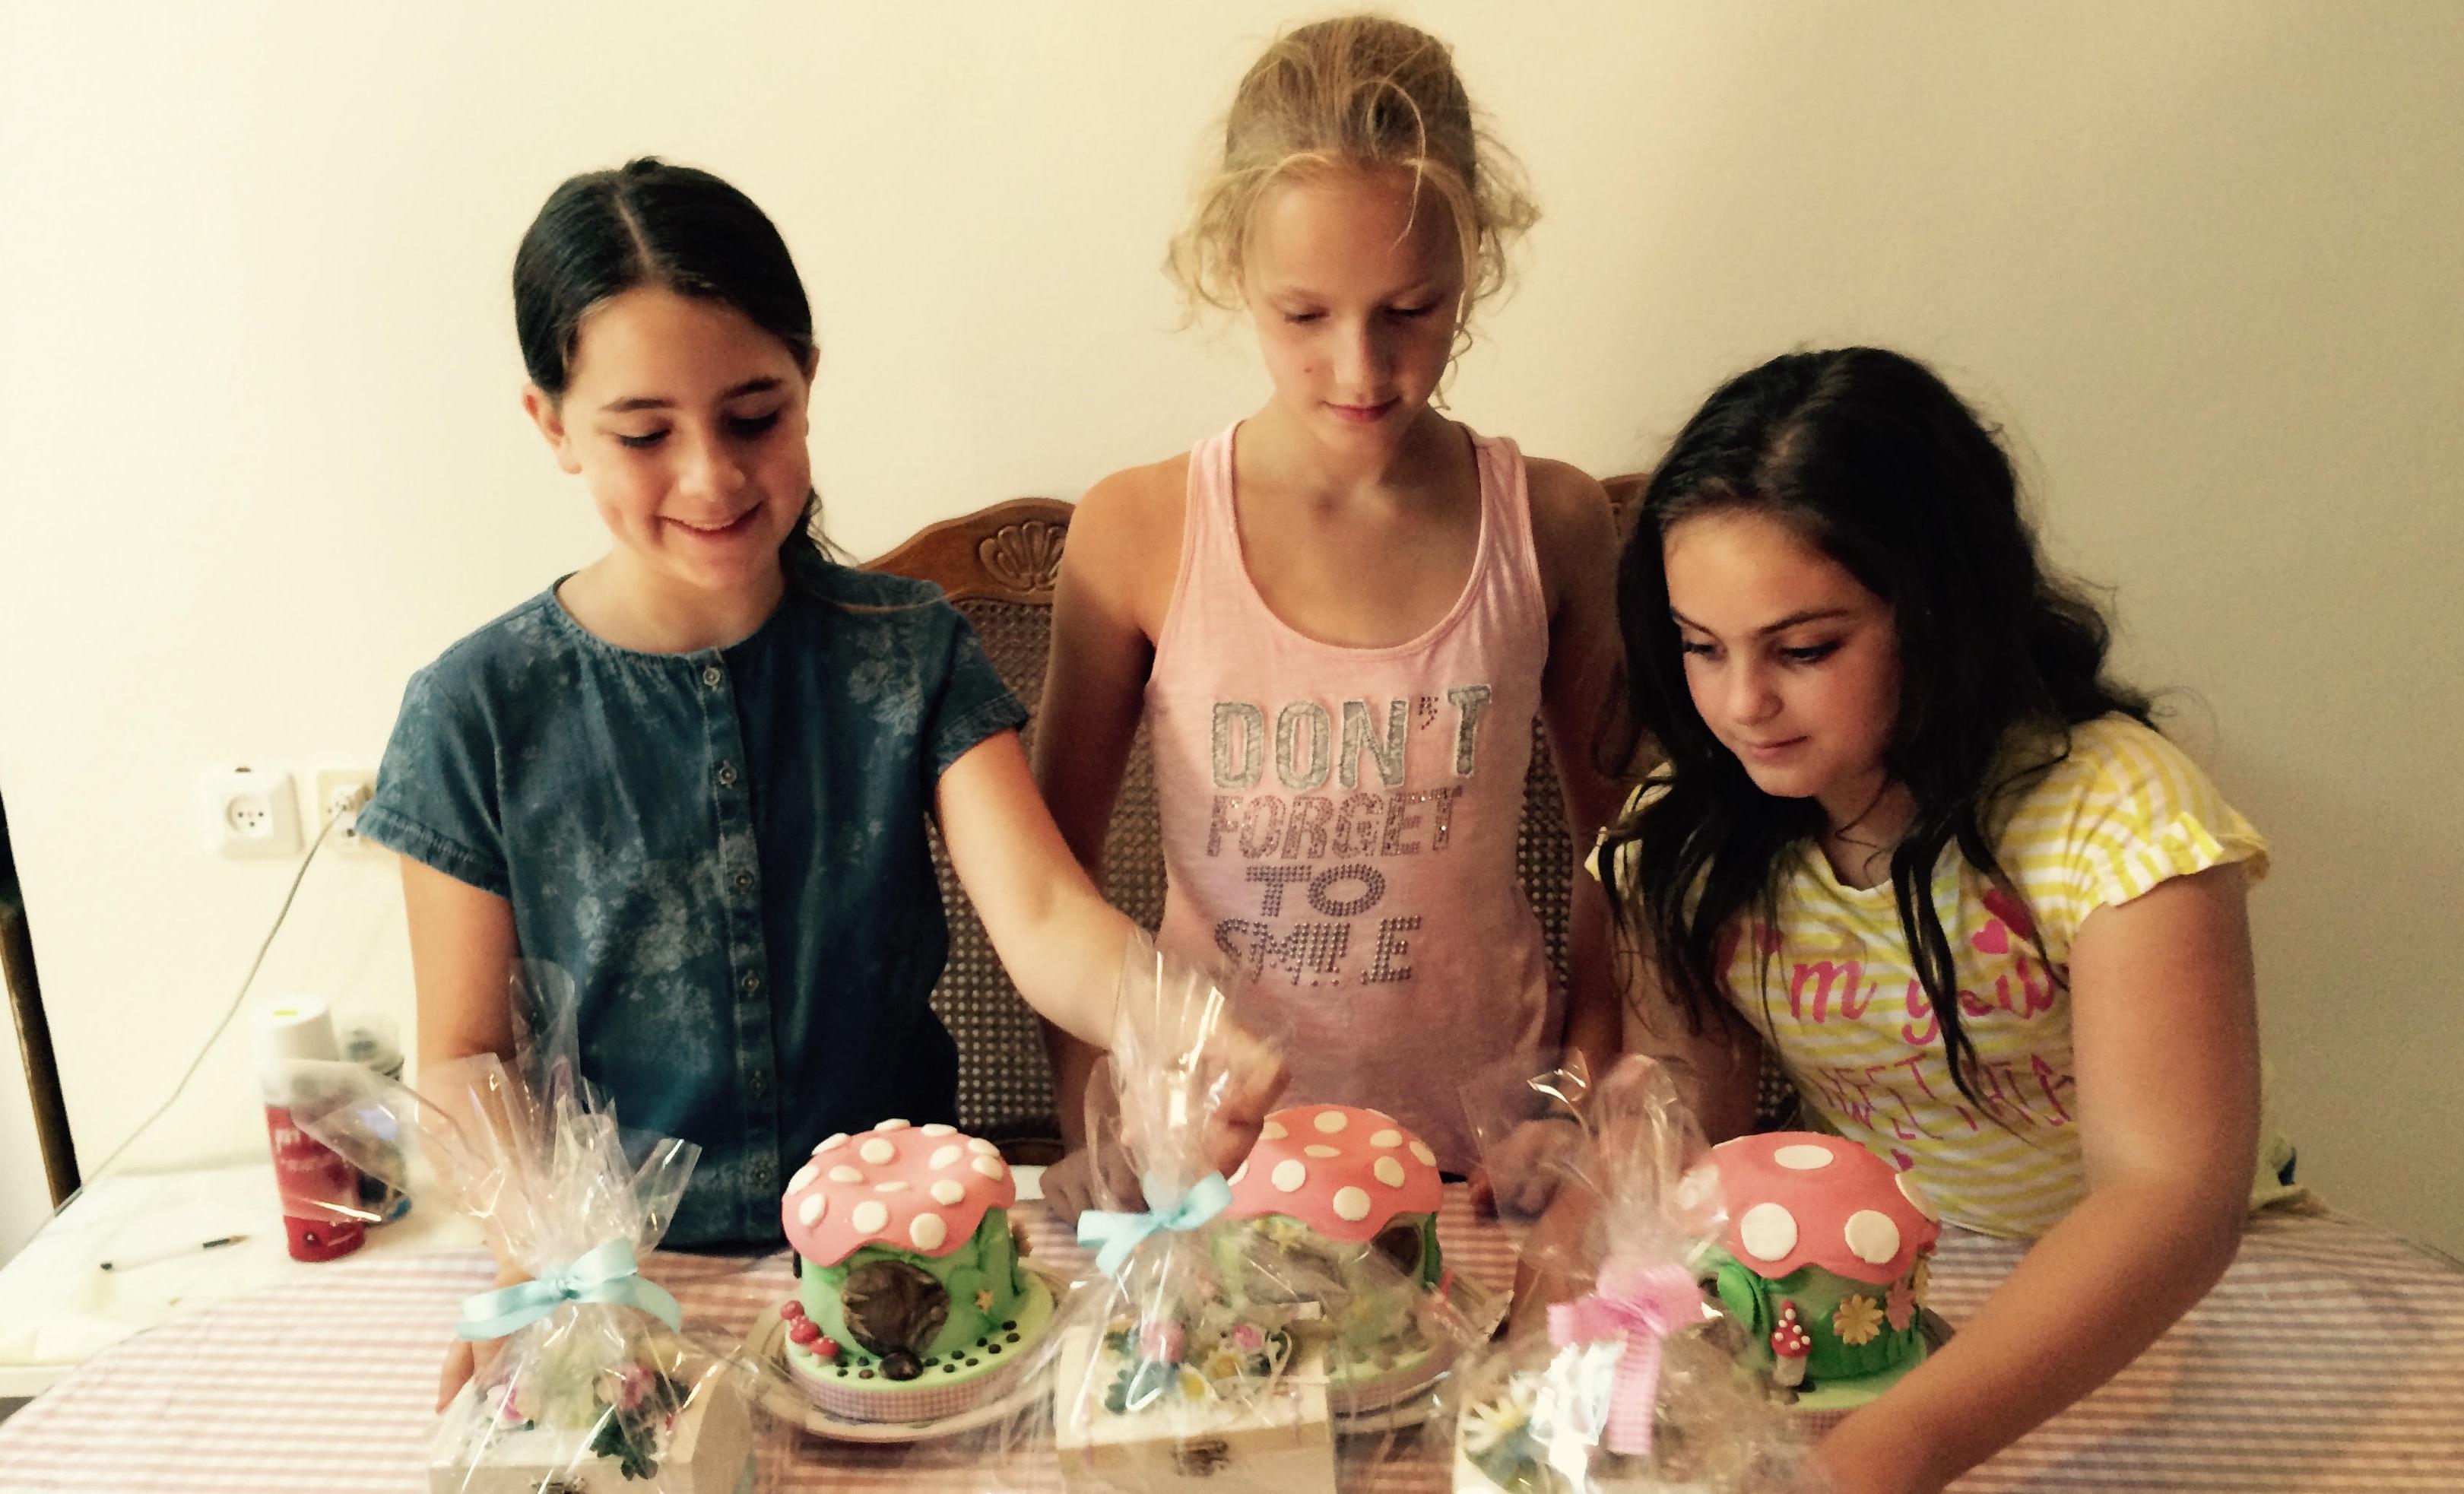 חוגים לילדים בכרמיאל,  חוג בצק סוכר ויצירה